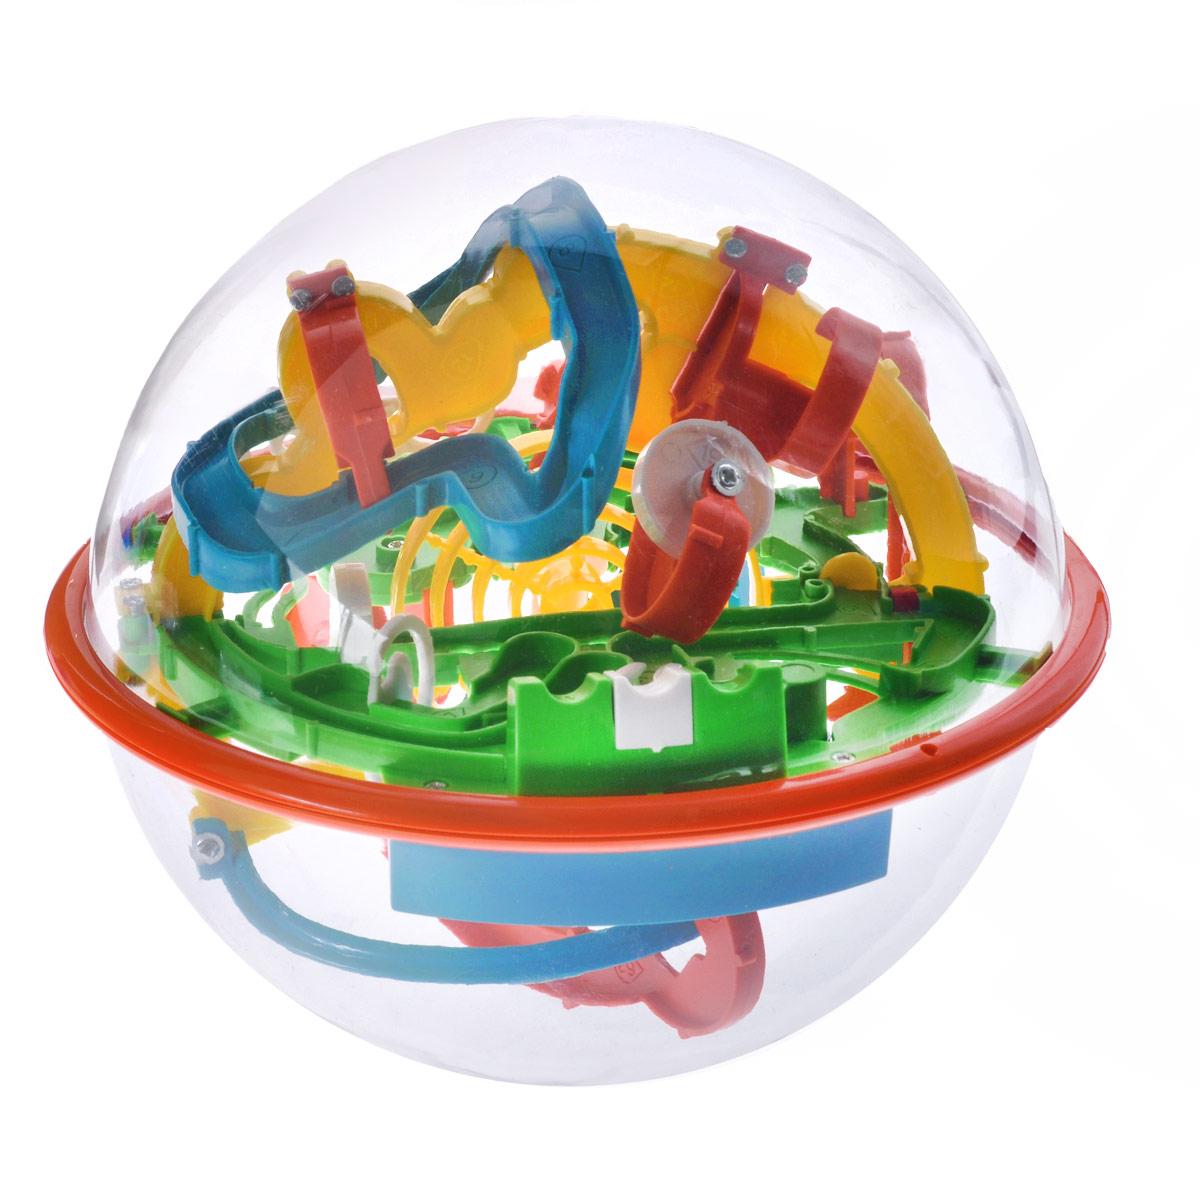 3D-головоломка Maze Ball, 118 барьеров, 16 смHF-927A3D-головоломка Maze Ball на 118 барьеров выполнена в ярких цветах в виде мяча-головоломки, который заинтересует внимание не только ребенка, но и взрослого. Задача заключается в том, чтобы поворачивая сферу, заставить шарик внутри нее двигаться вперед по желобам в порядке нумерации. Нужно добраться до финиша за максимально короткое время. 3D-головоломка Maze Ball помогает развить навыки работы с объектами, логическое мышление, чувство равновесия и восприятие пространства. Спокойствие - главный залог выигрыша. Не теряйте терпения, иначе никогда не добьетесь результата. Используйте ваше пространственное воображение на 100% и внимательно изучайте характеристики каждого барьера. Изменяйте положение интеллектуального шара, чтобы внутренний шарик всегда оставался на горизонтальной поверхности. Так вы шаг за шагом будете продвигаться к победе.